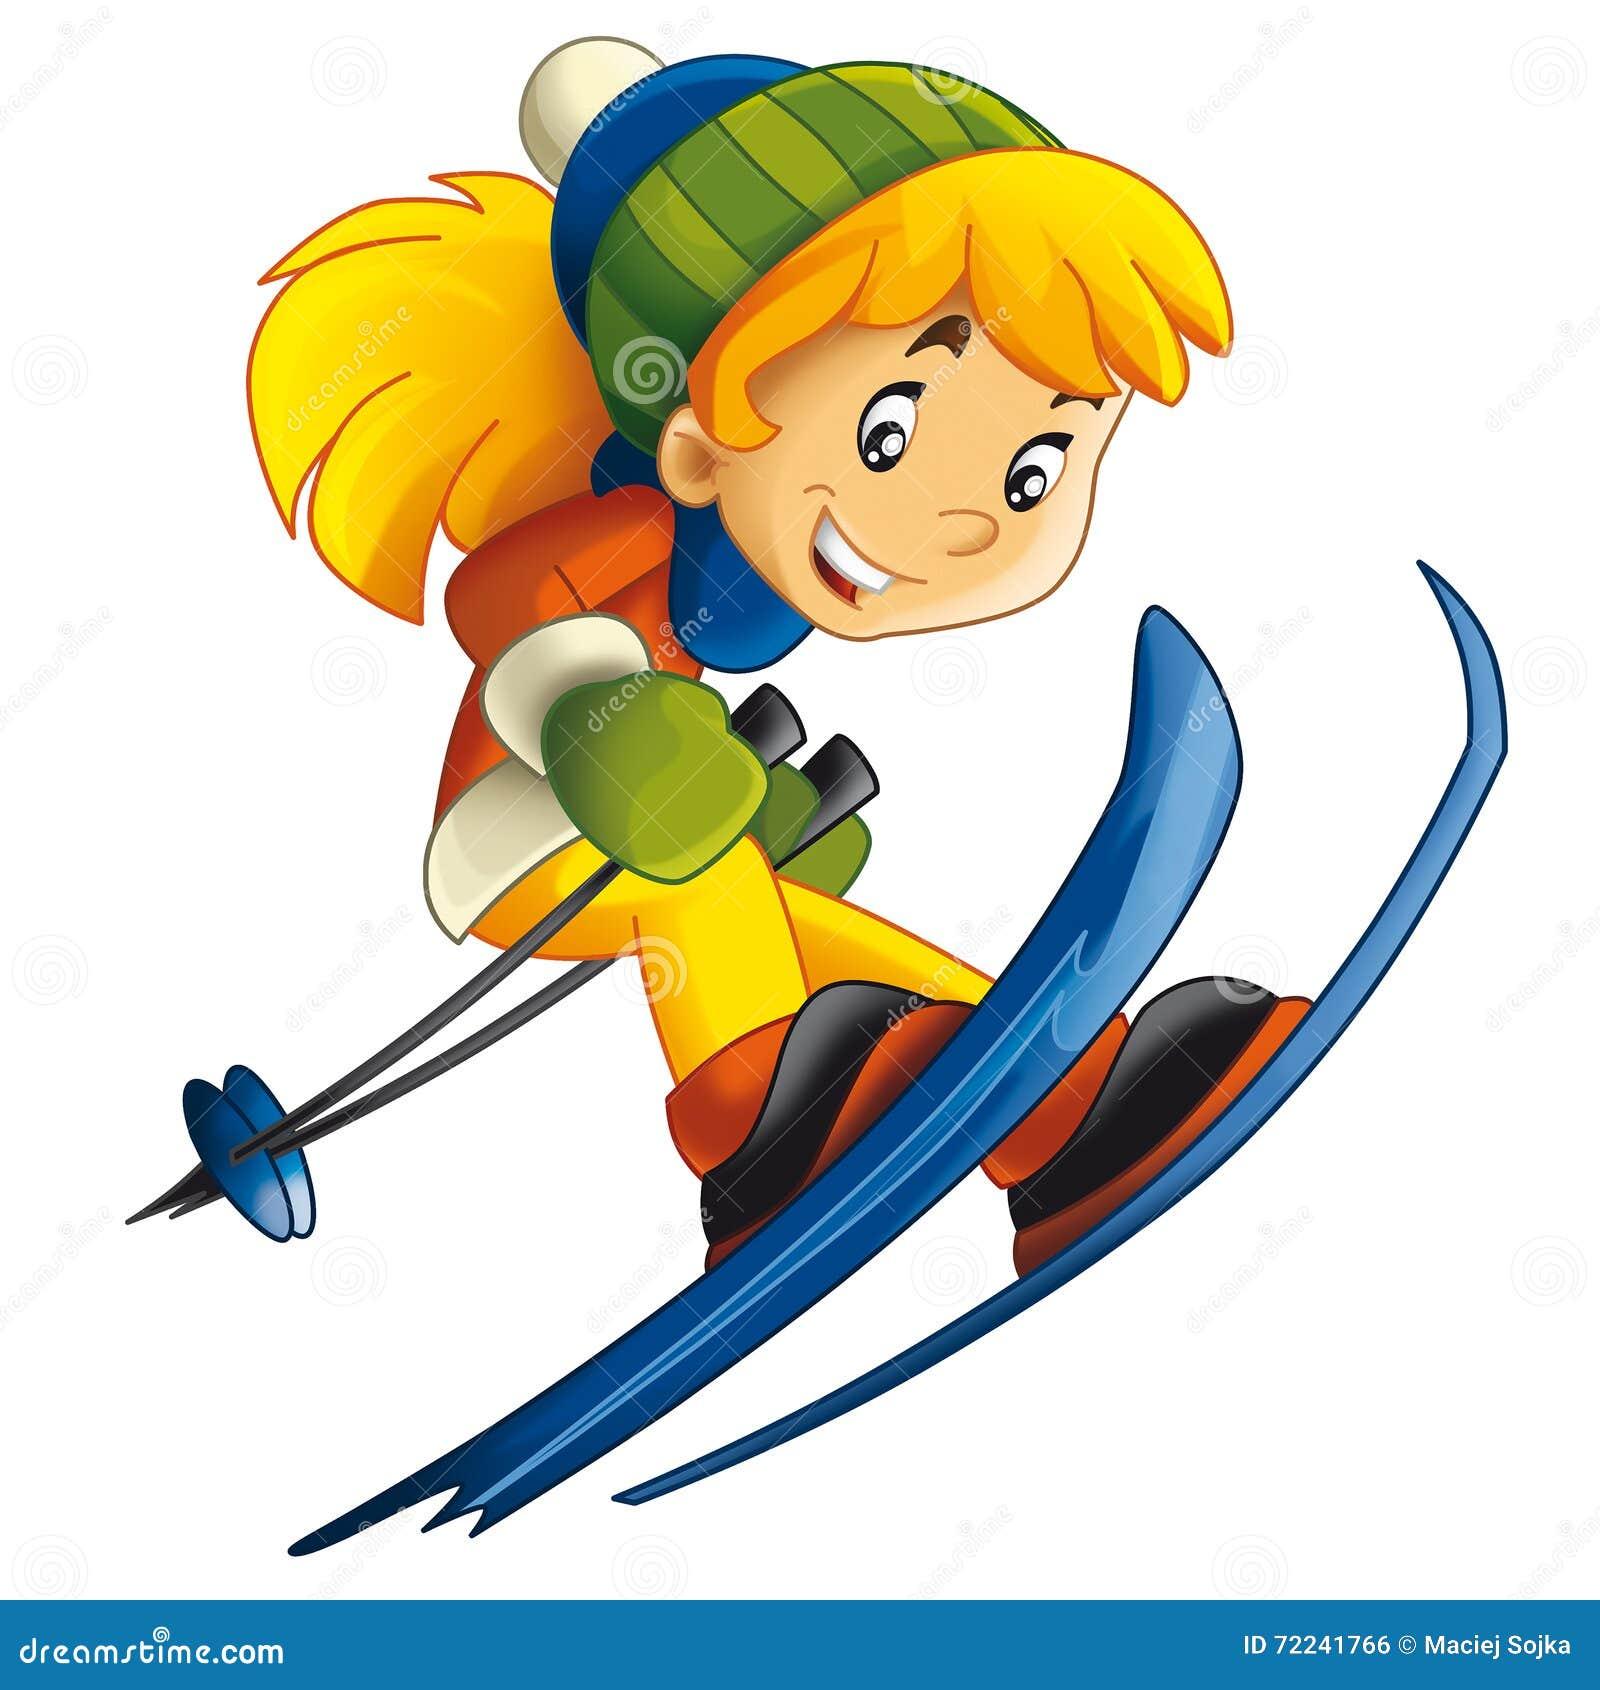 Cartoon Child - Ski - Activity - Stock Illustration ...